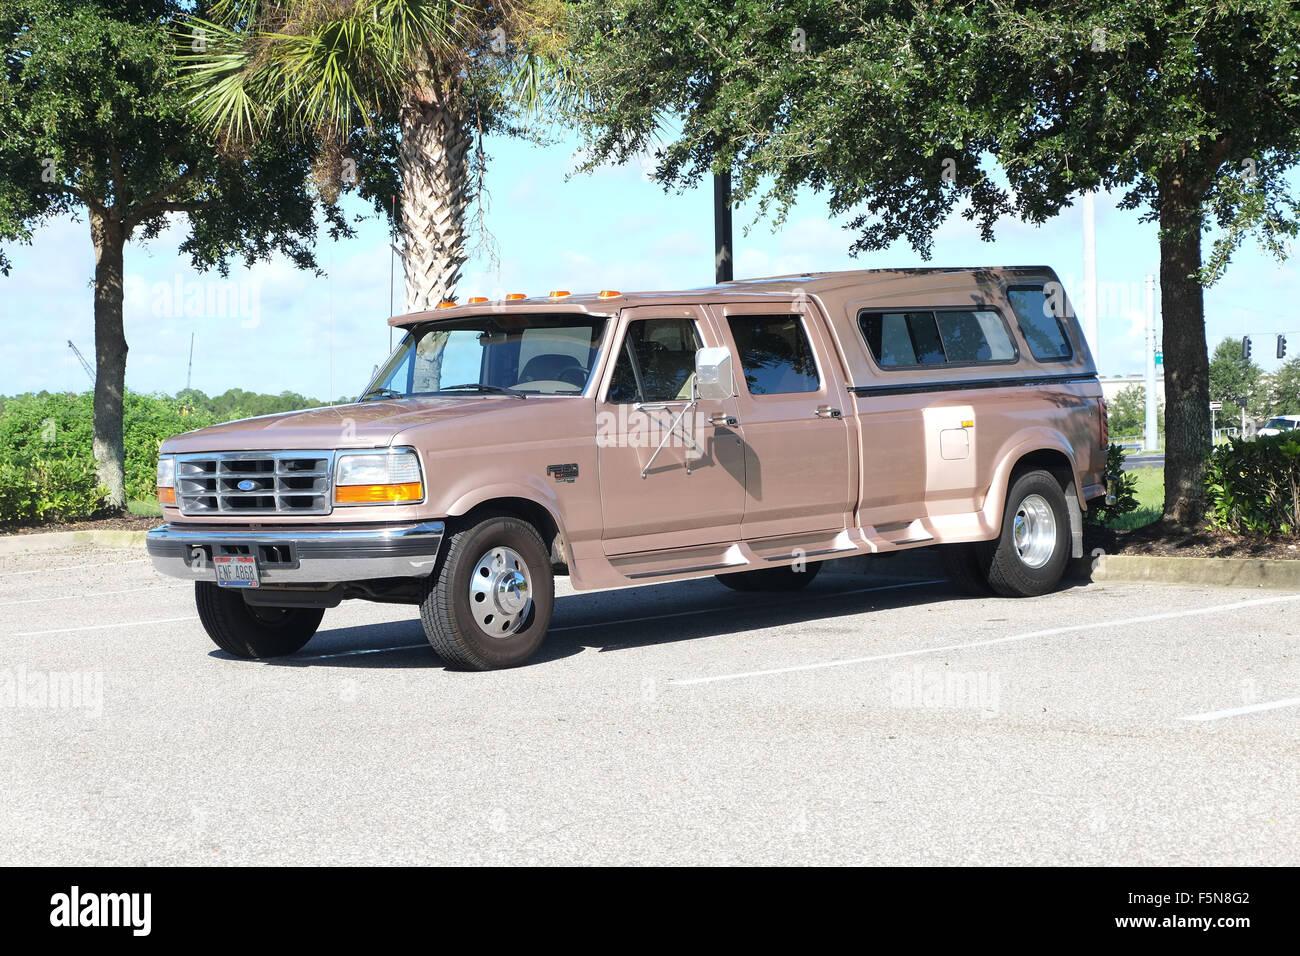 Plus gros camion utilisé comme voiture de tous les jours par les Américains en Floride, Photo Stock